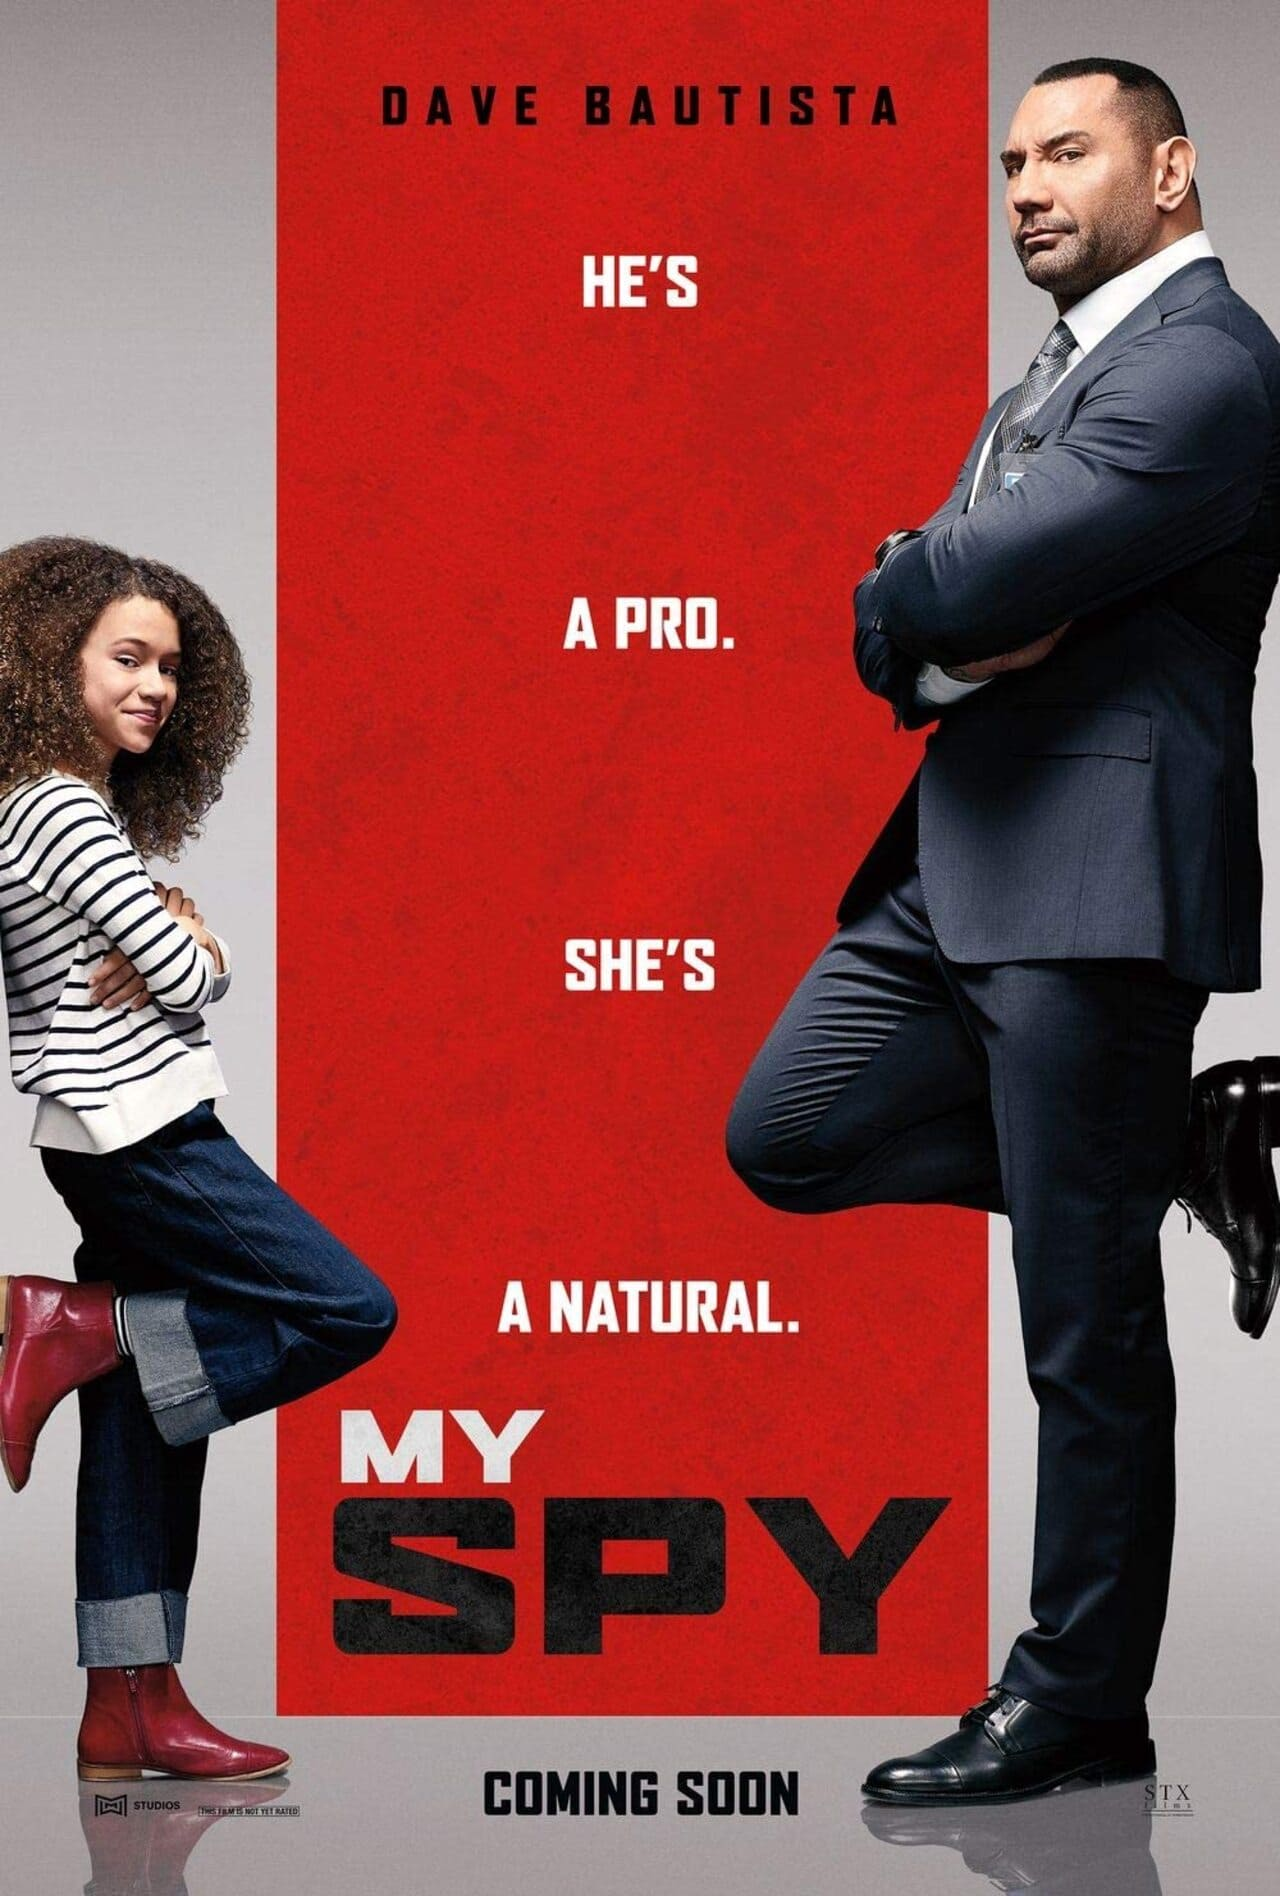 Cartel de la película Juego de espías (My Spy, 2020) de Amazon Prime Video